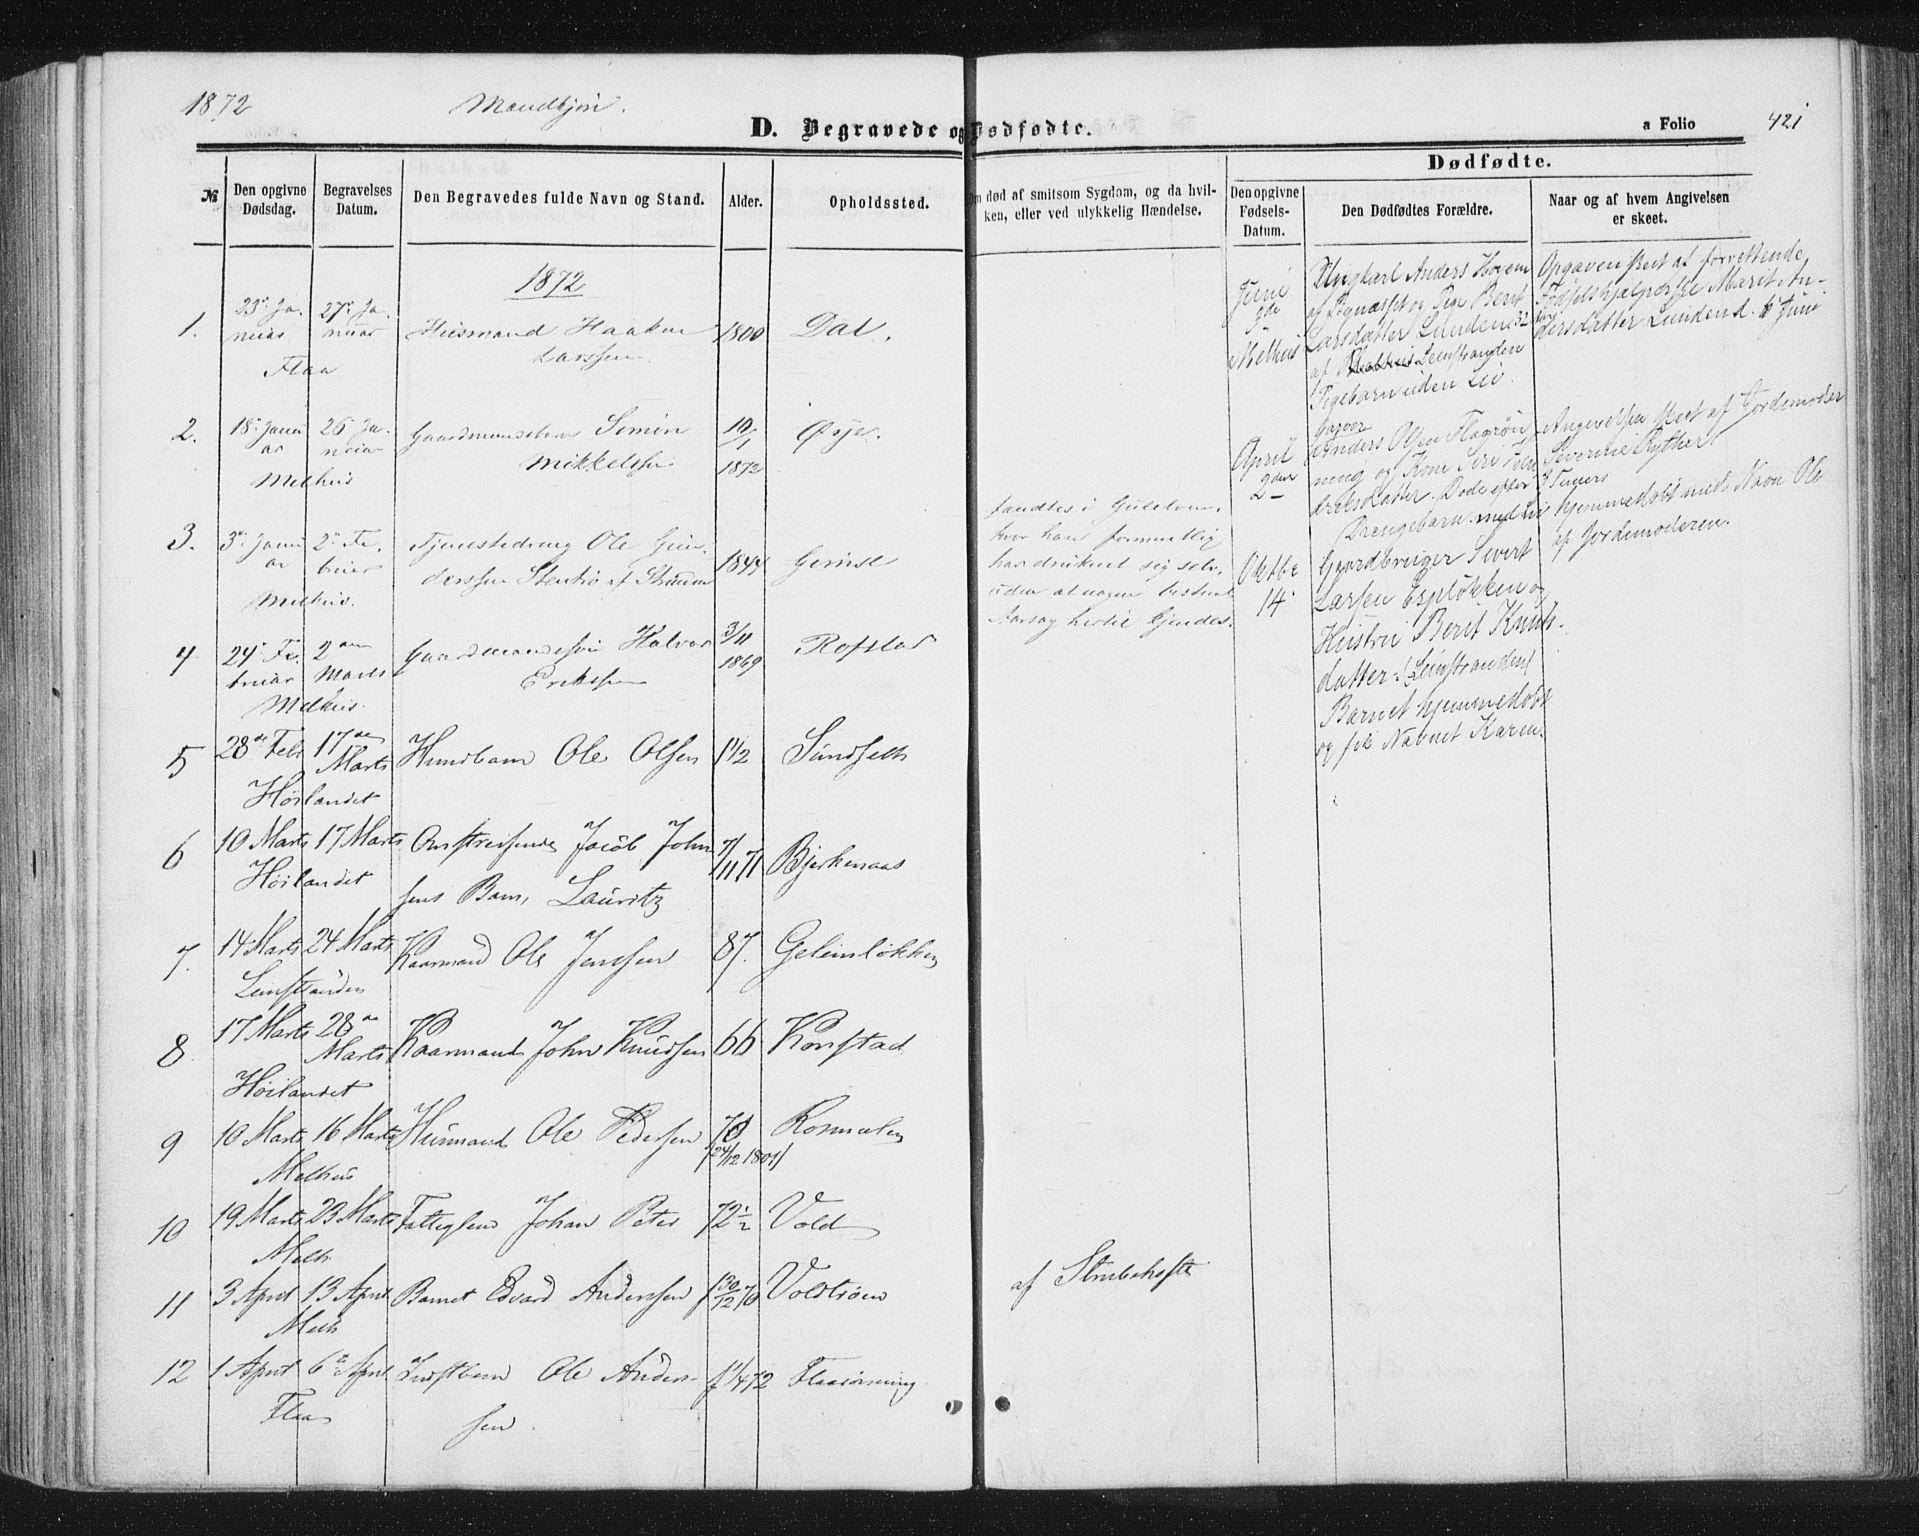 SAT, Ministerialprotokoller, klokkerbøker og fødselsregistre - Sør-Trøndelag, 691/L1077: Ministerialbok nr. 691A09, 1862-1873, s. 421